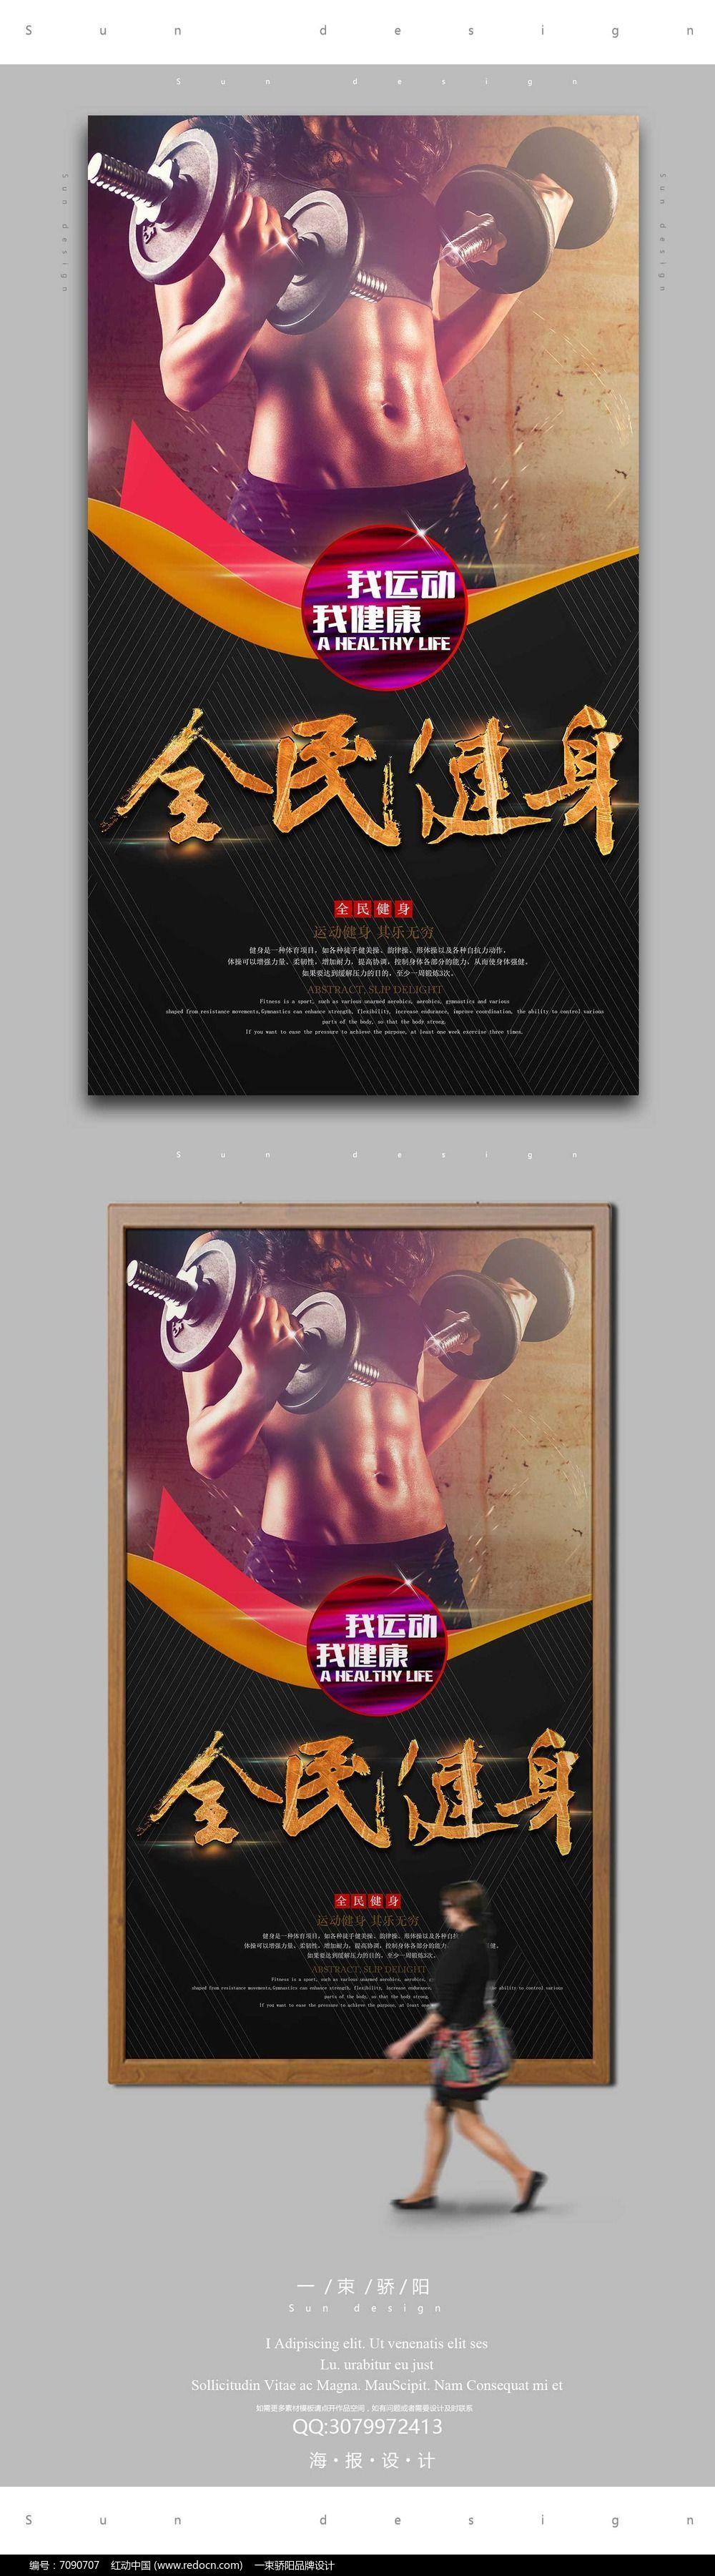 简约质感艺术字全民健身海报设计PSD图片